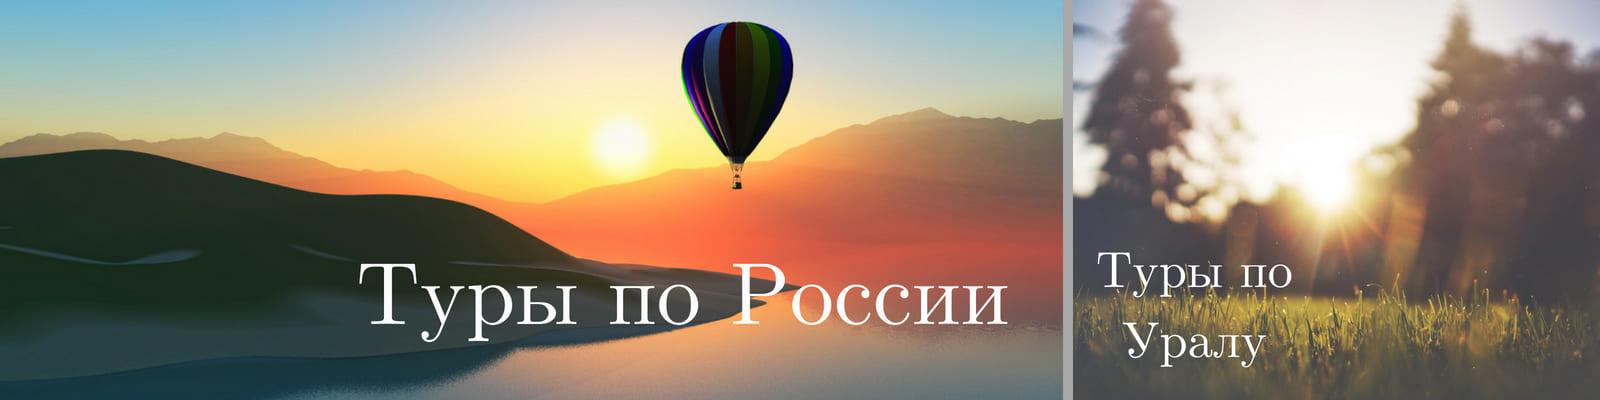 Туры по России и Уралу